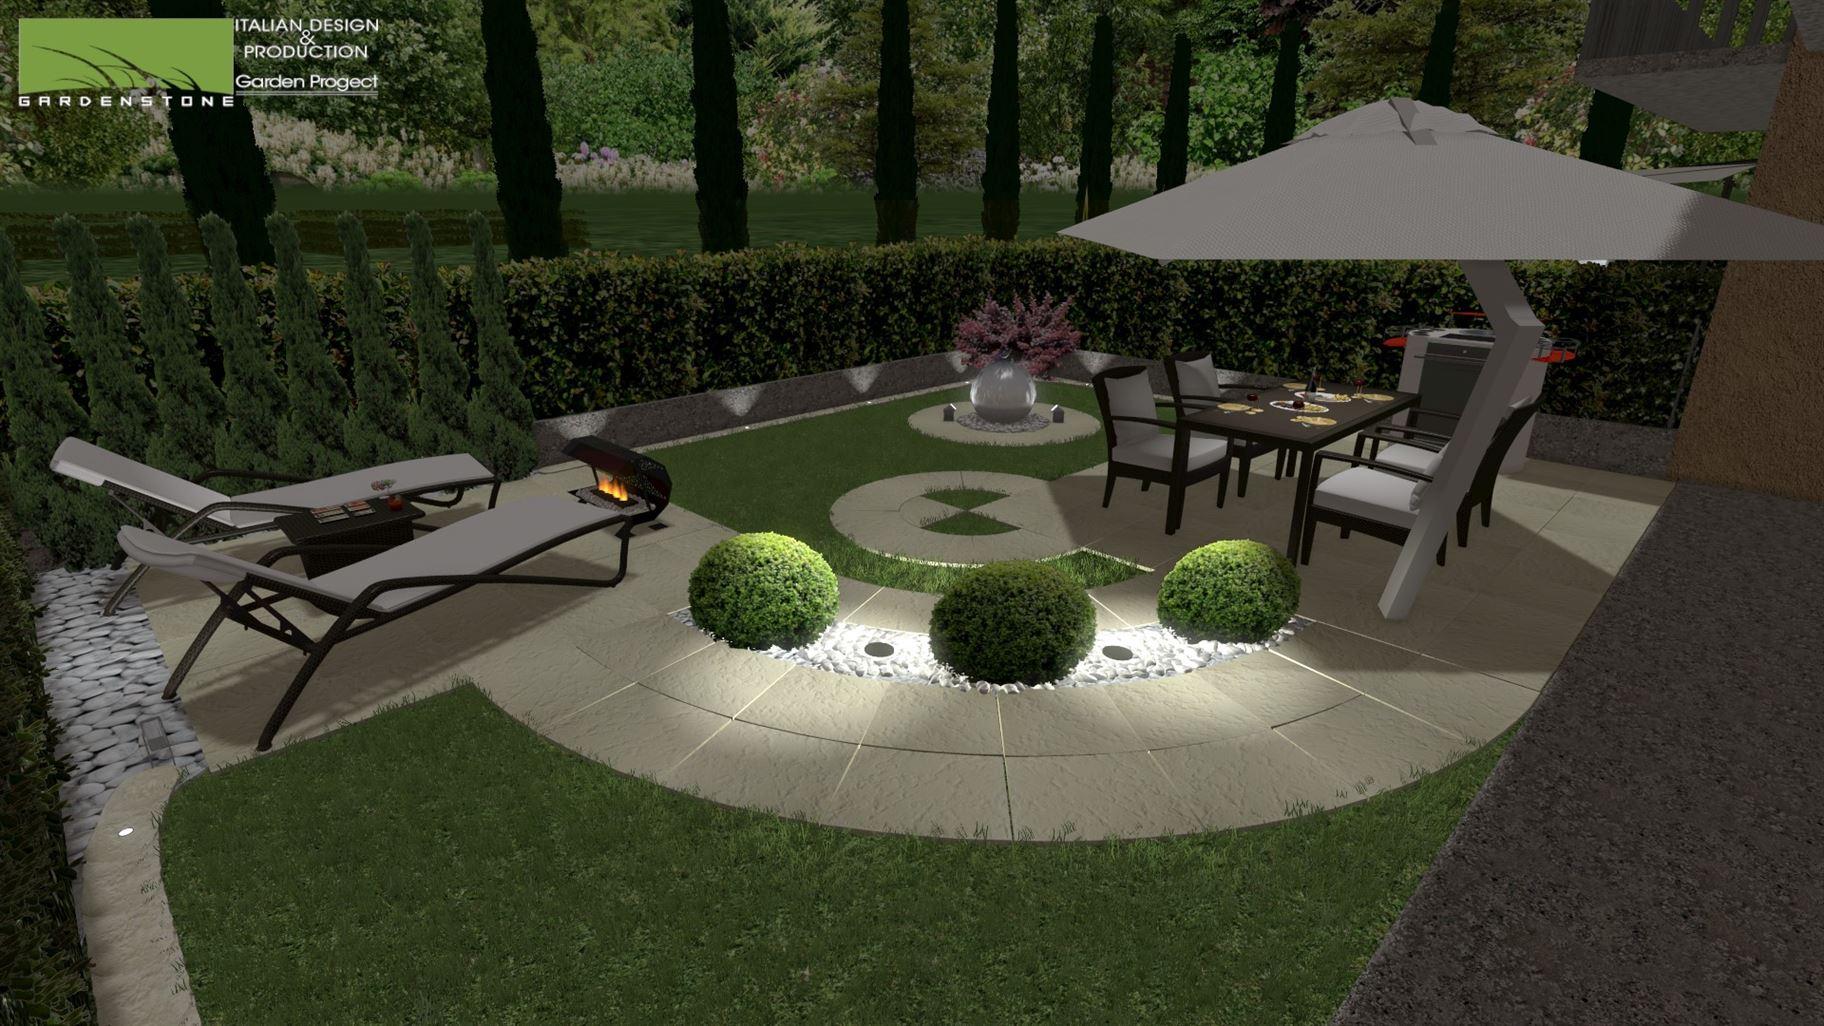 Popolare Giardini idee da copiare: come valorizzare il tuo salotto all'aperto FL41